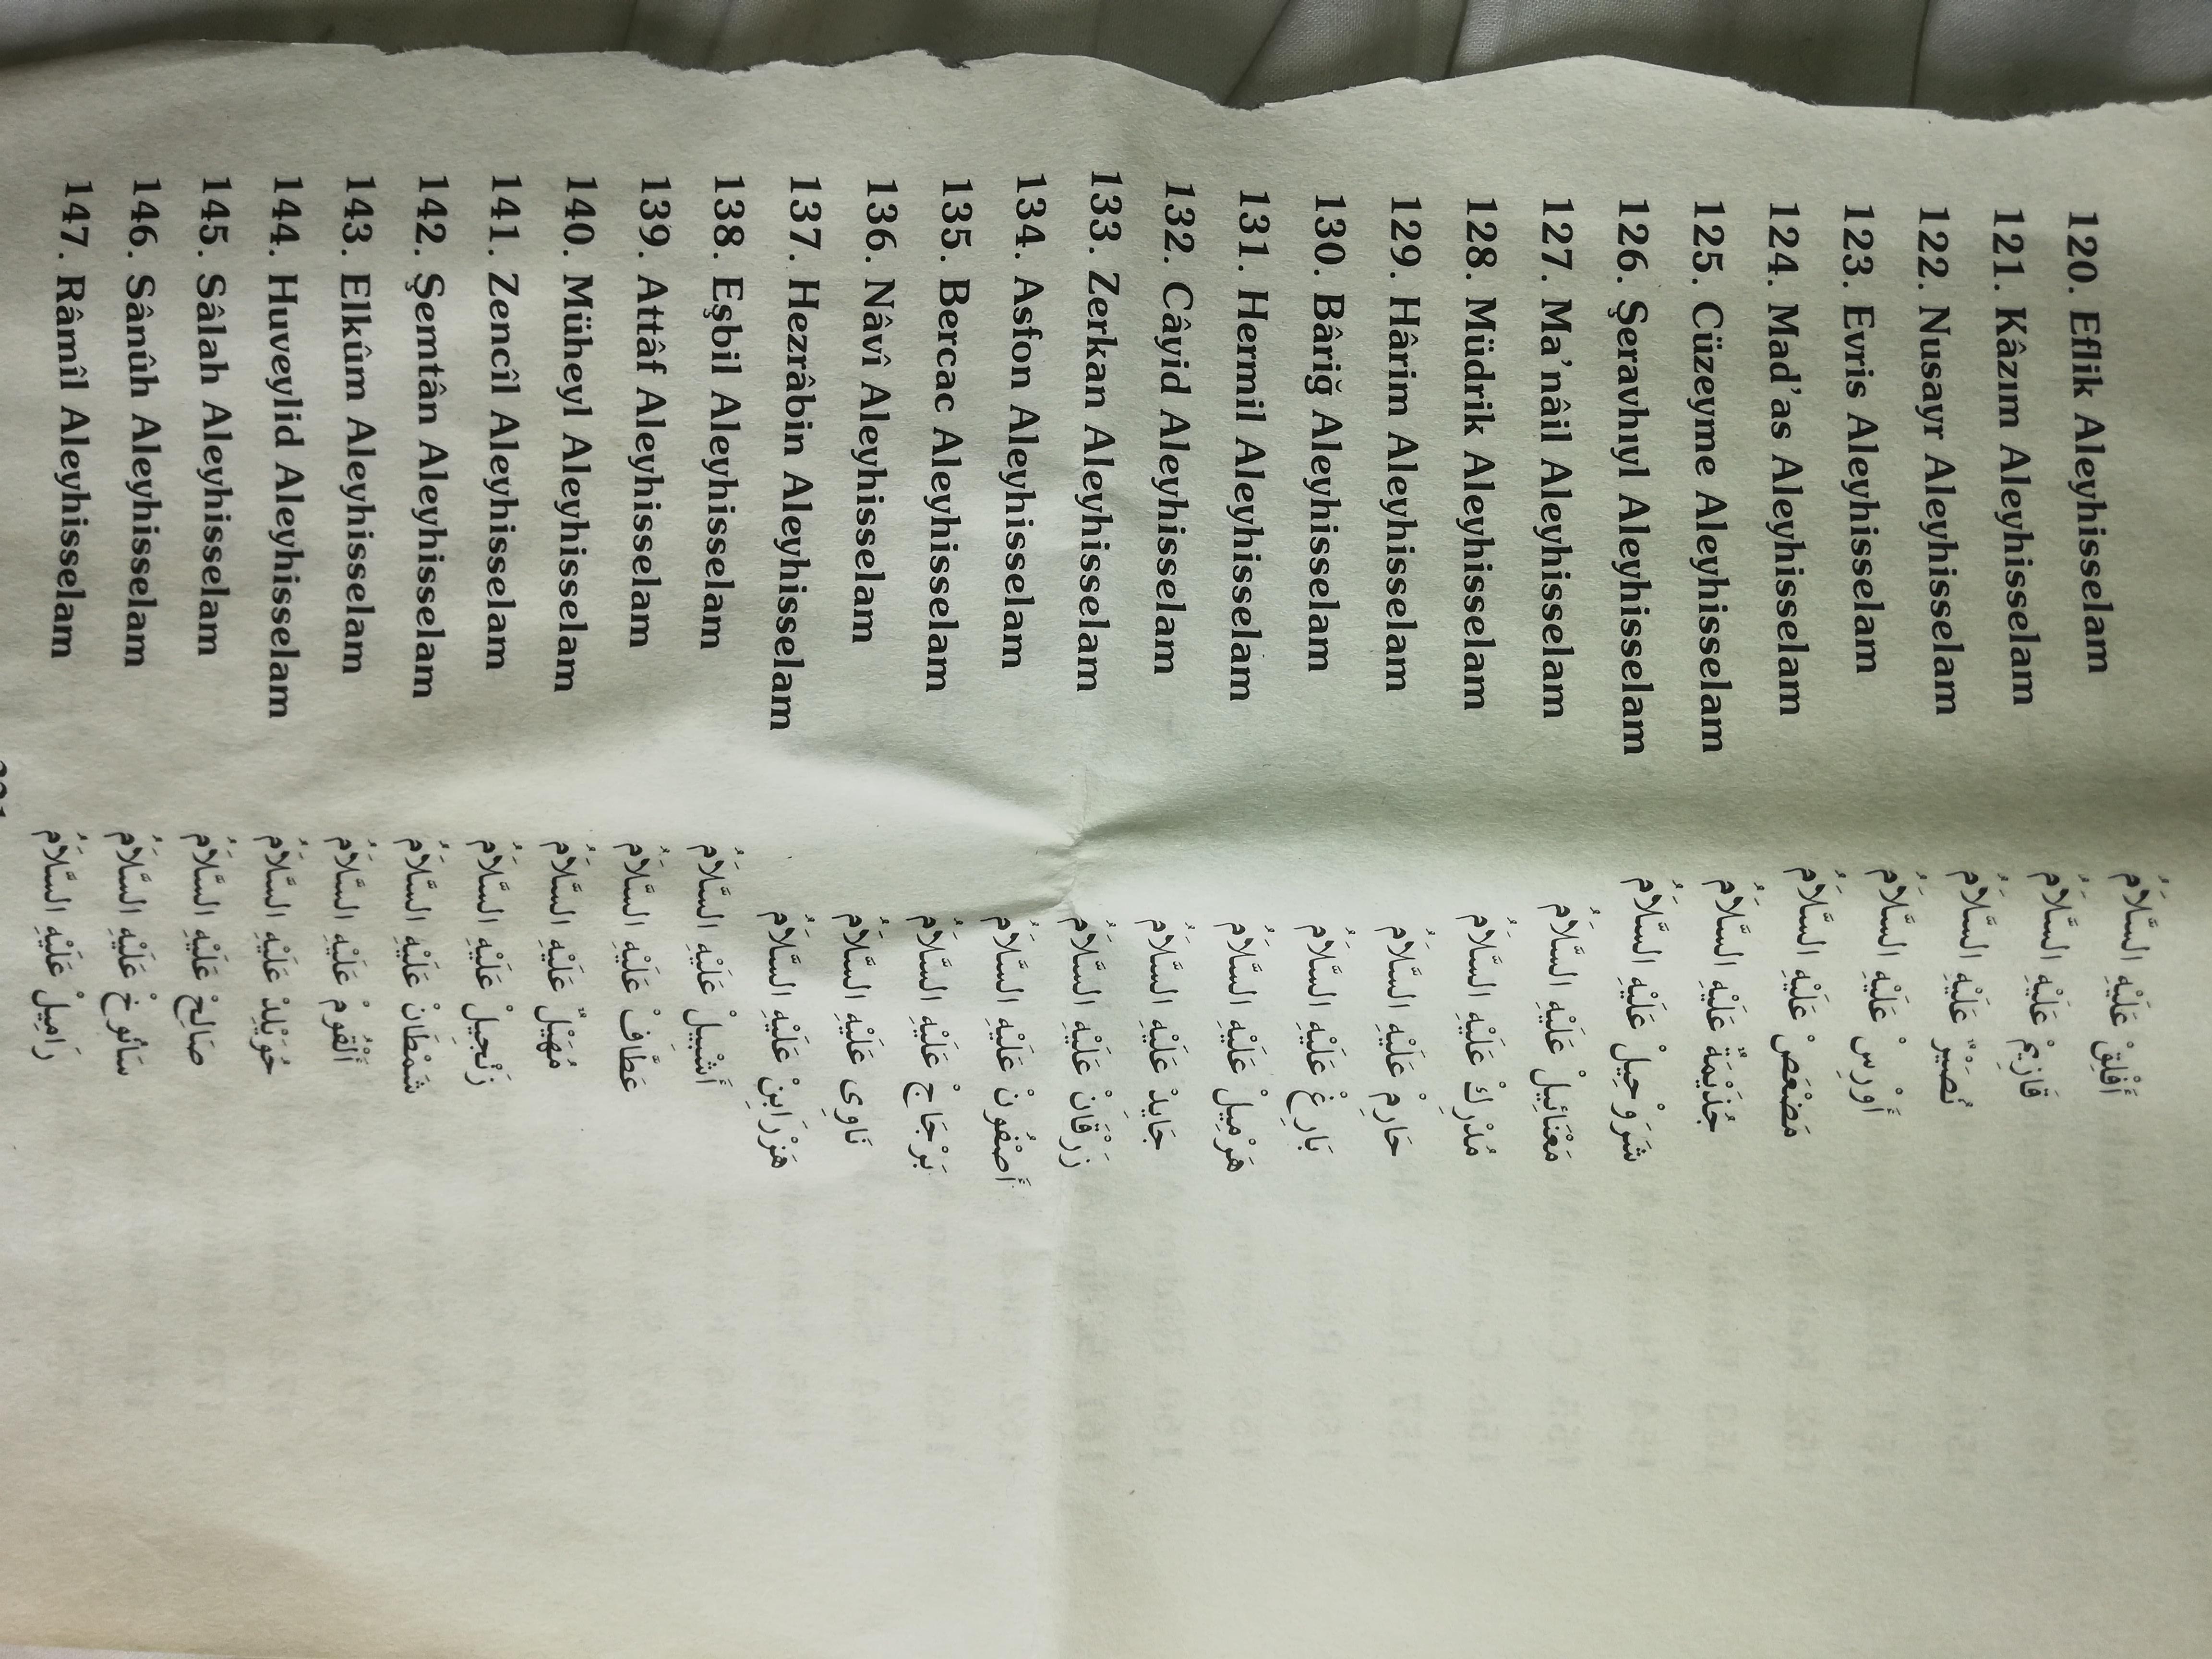 313 mürsel peygamberlerin tam listesi ve onların yardımı